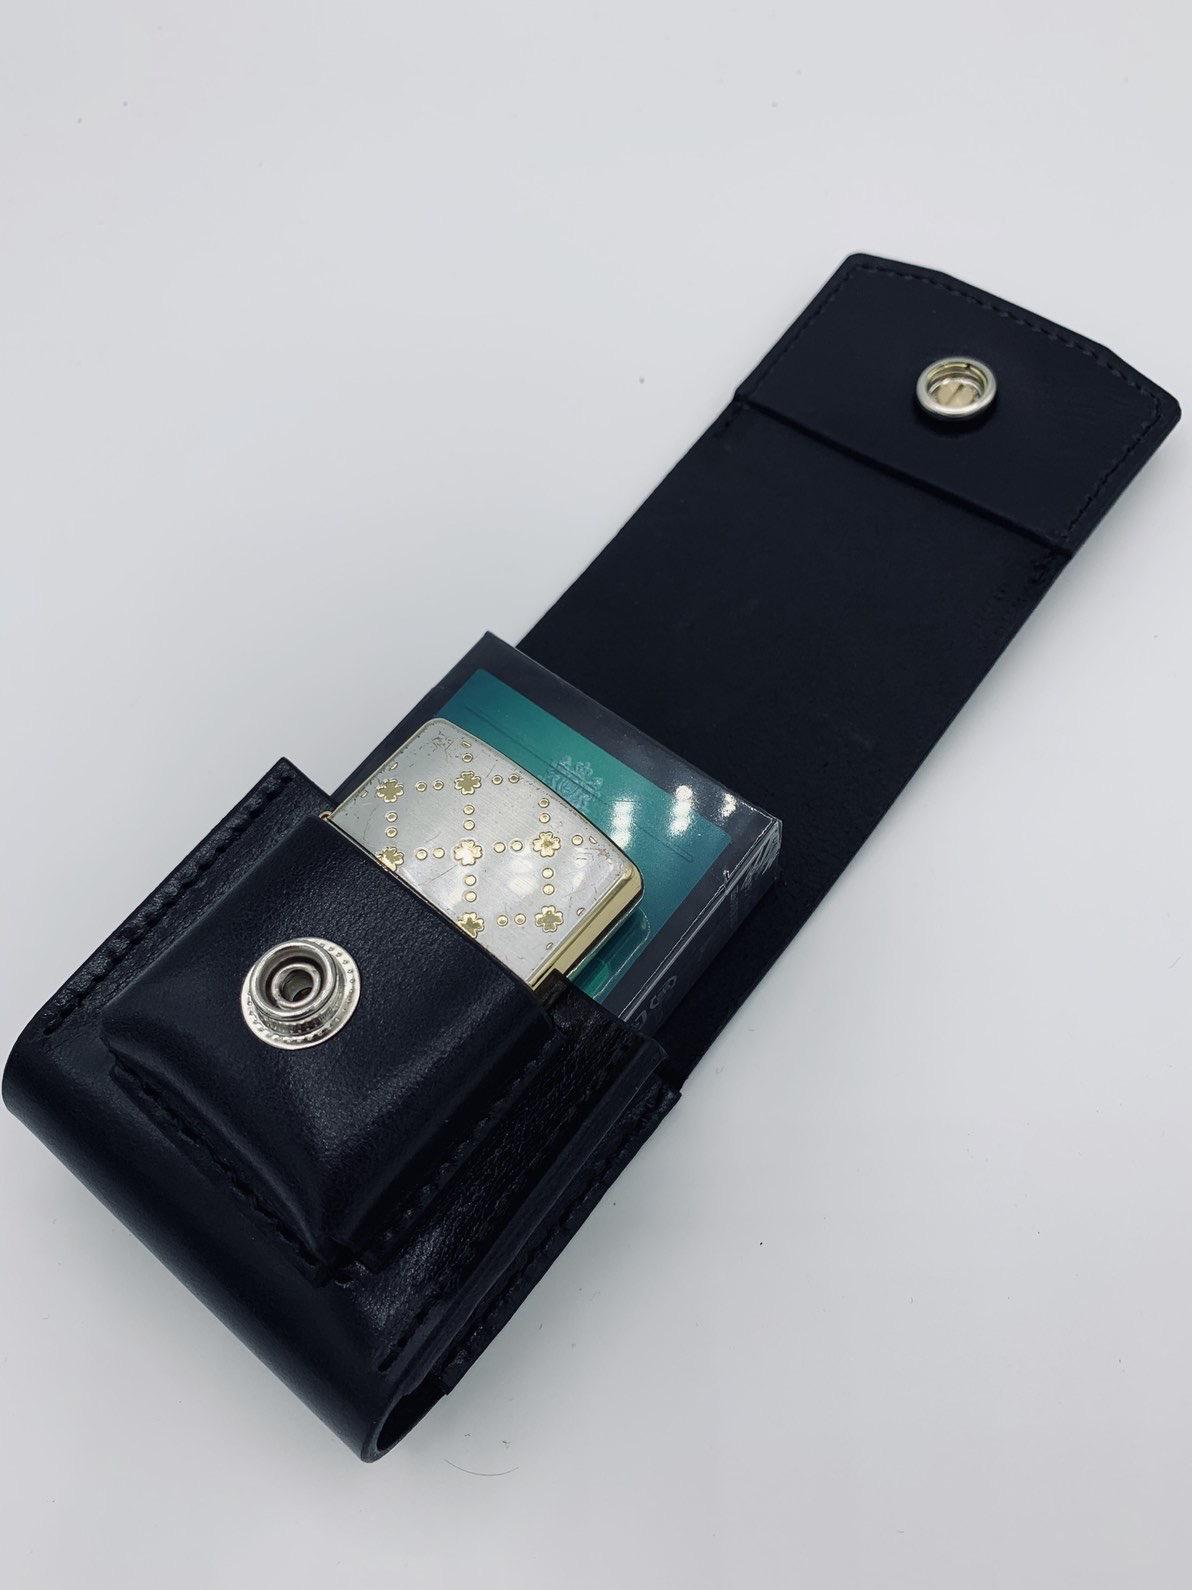 【ジッポ収納付】イタリアンレザーのタバコケース(ブラック)